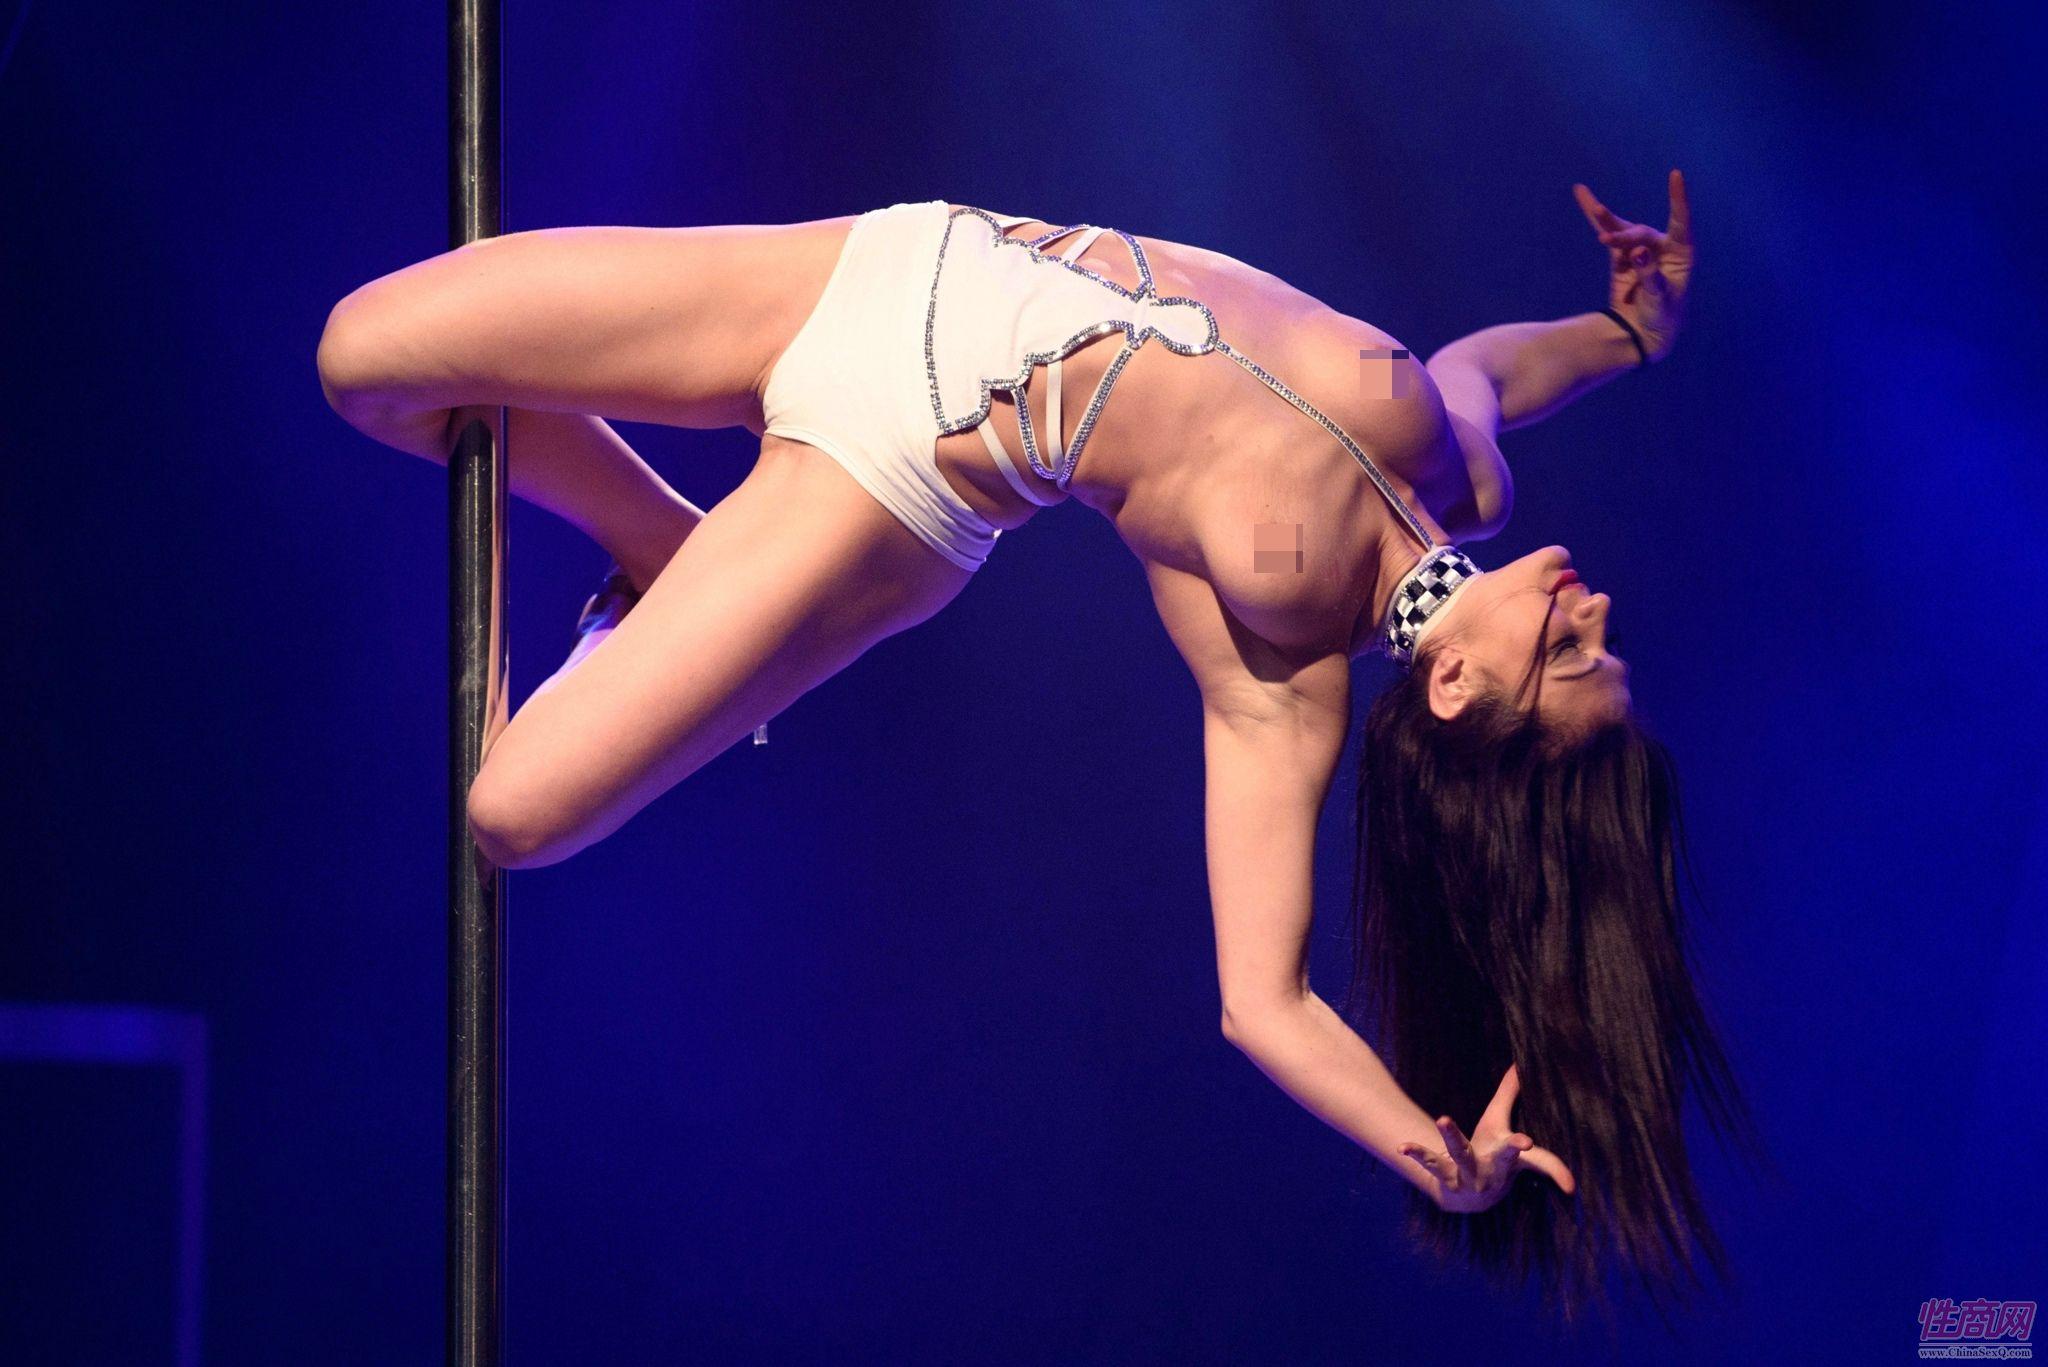 钢管舞女演员的高难度动作